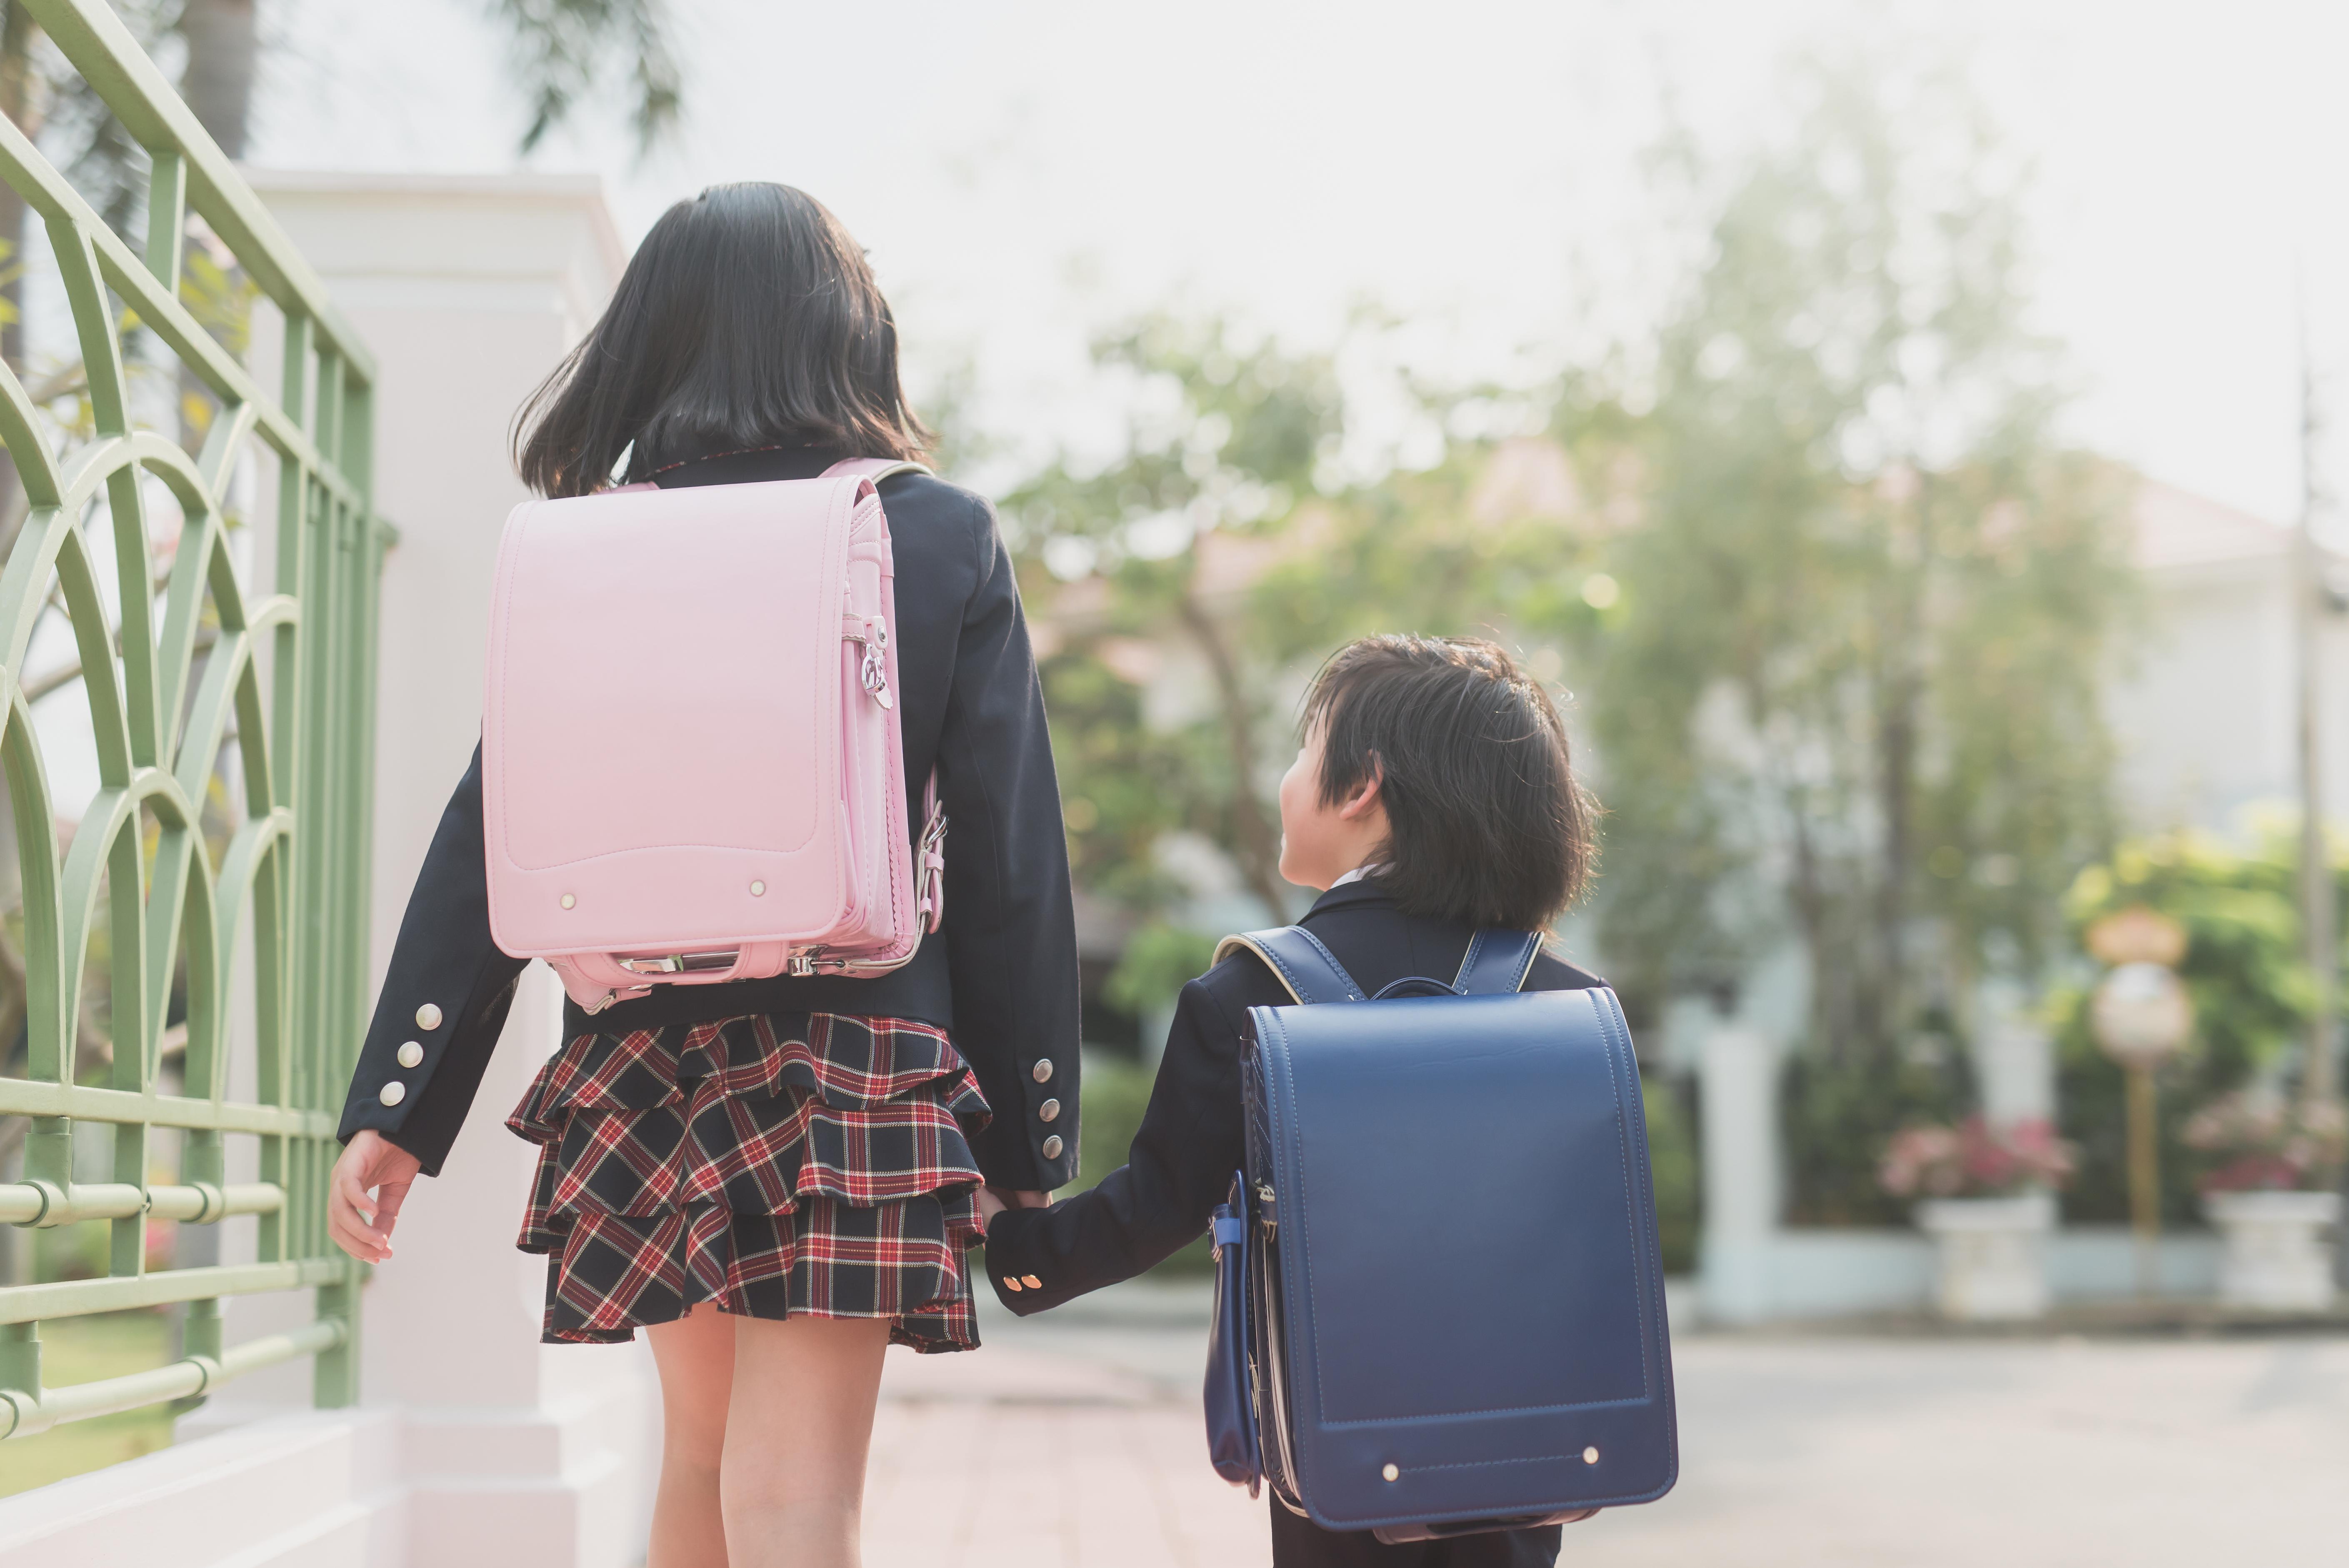 Recherche jeune fille au pair anglophone